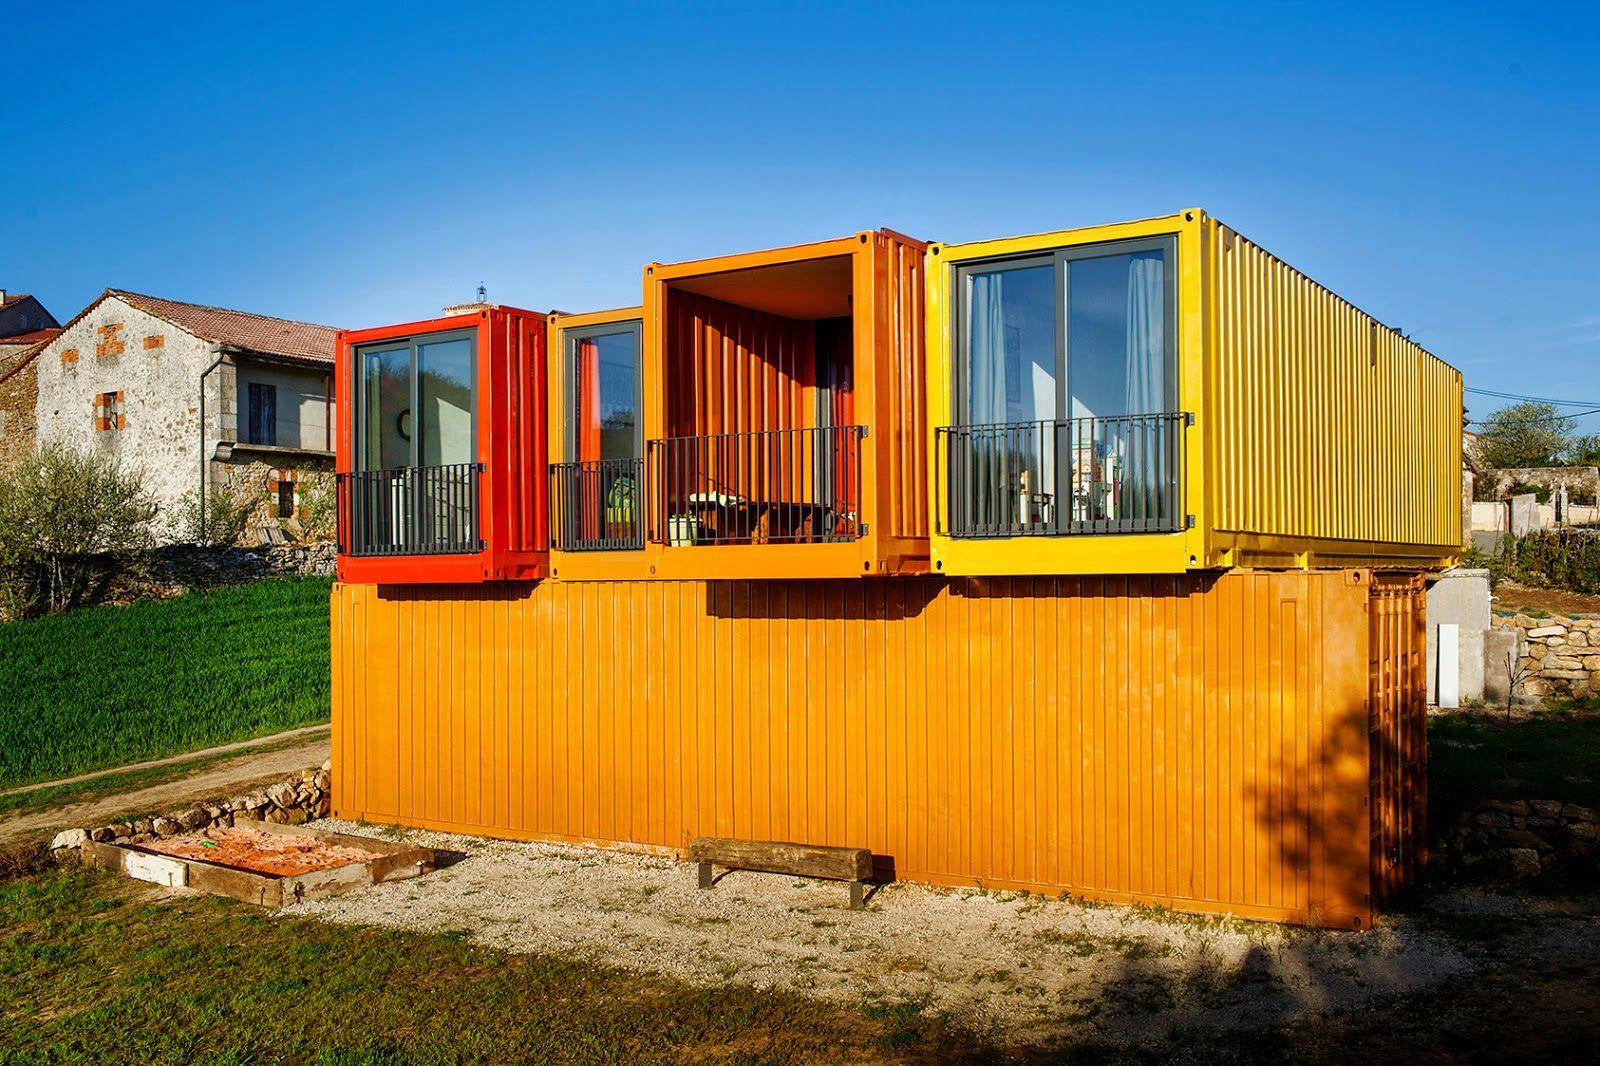 La contenedora galeria vivienda container pinterest - Contenedores maritimos para vivienda ...